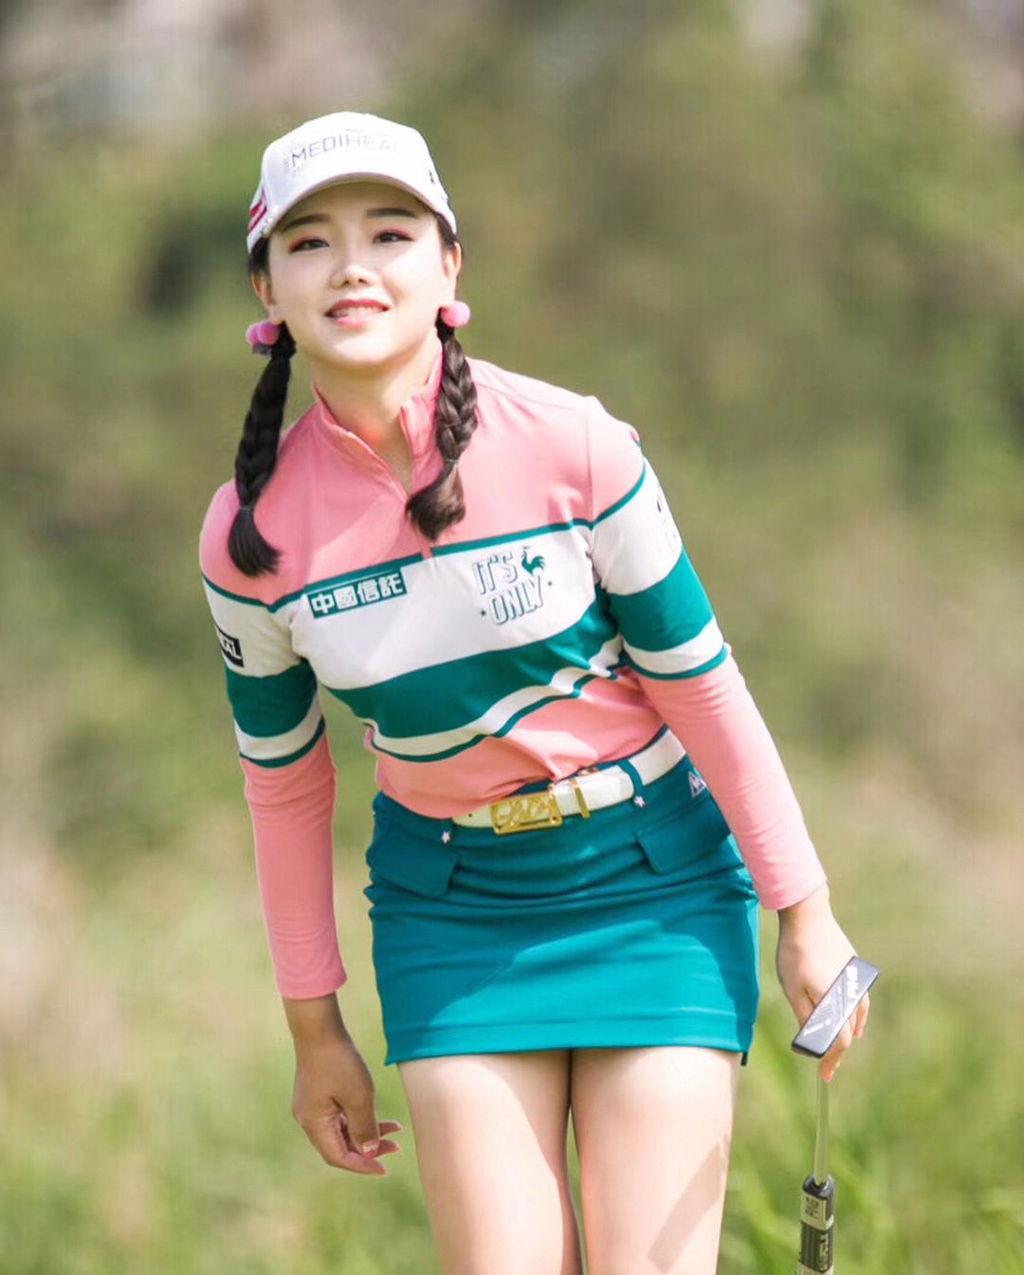 セキ・ユウティン(20)中国人女子ゴルファーの美足がヌけるwwww(えろ写真)